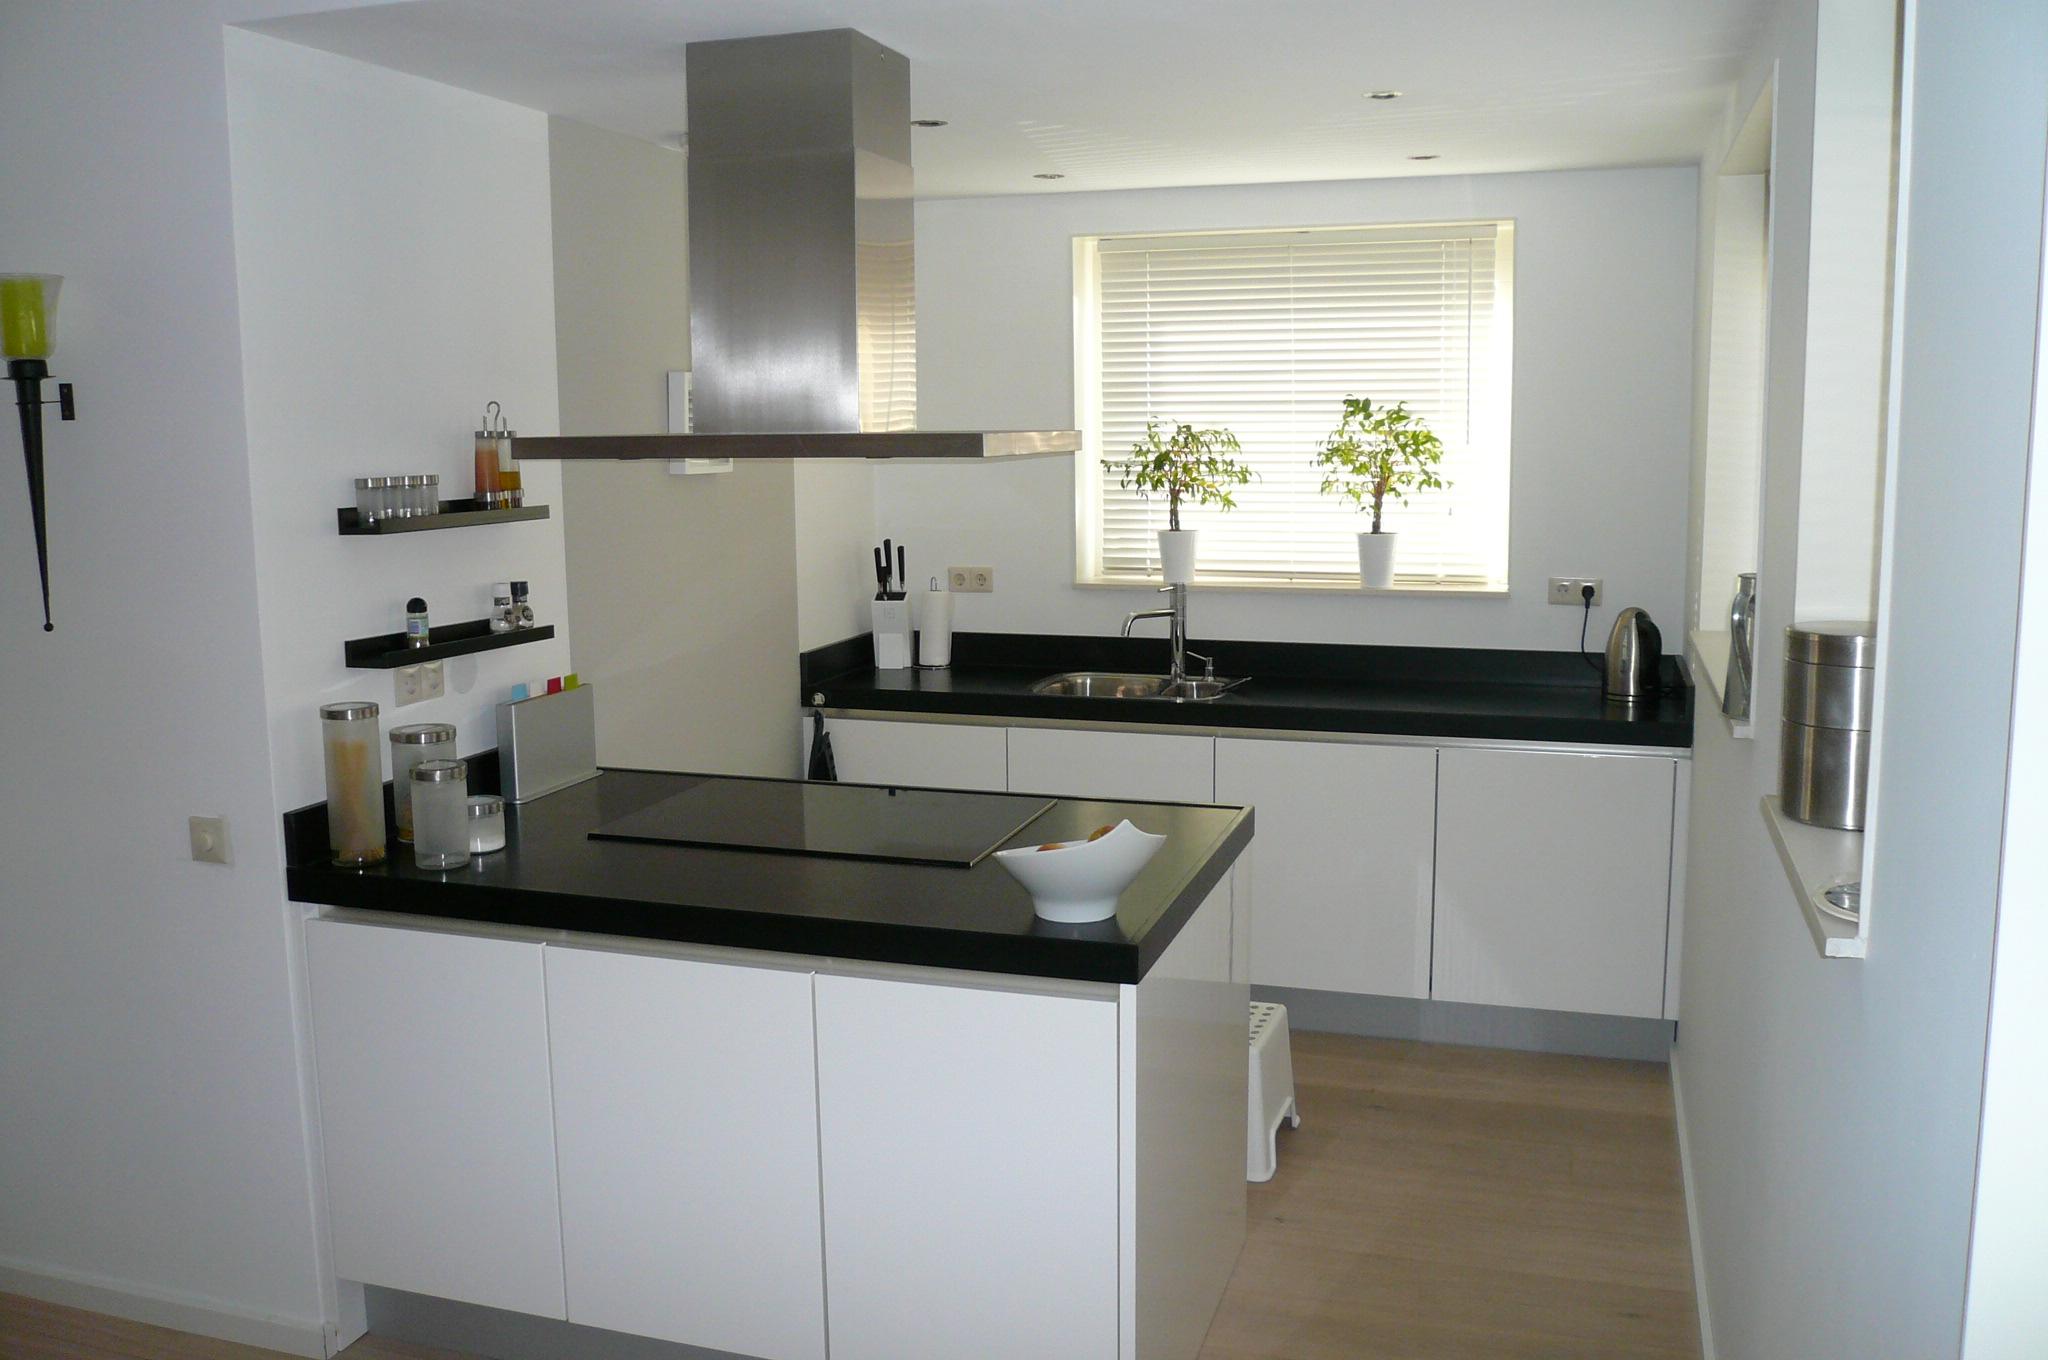 Van de bovenste plank moderne keukens afbeeldingen inspirerende idee n ontwerp met foto 39 s en - Beeld van eigentijdse keuken ...